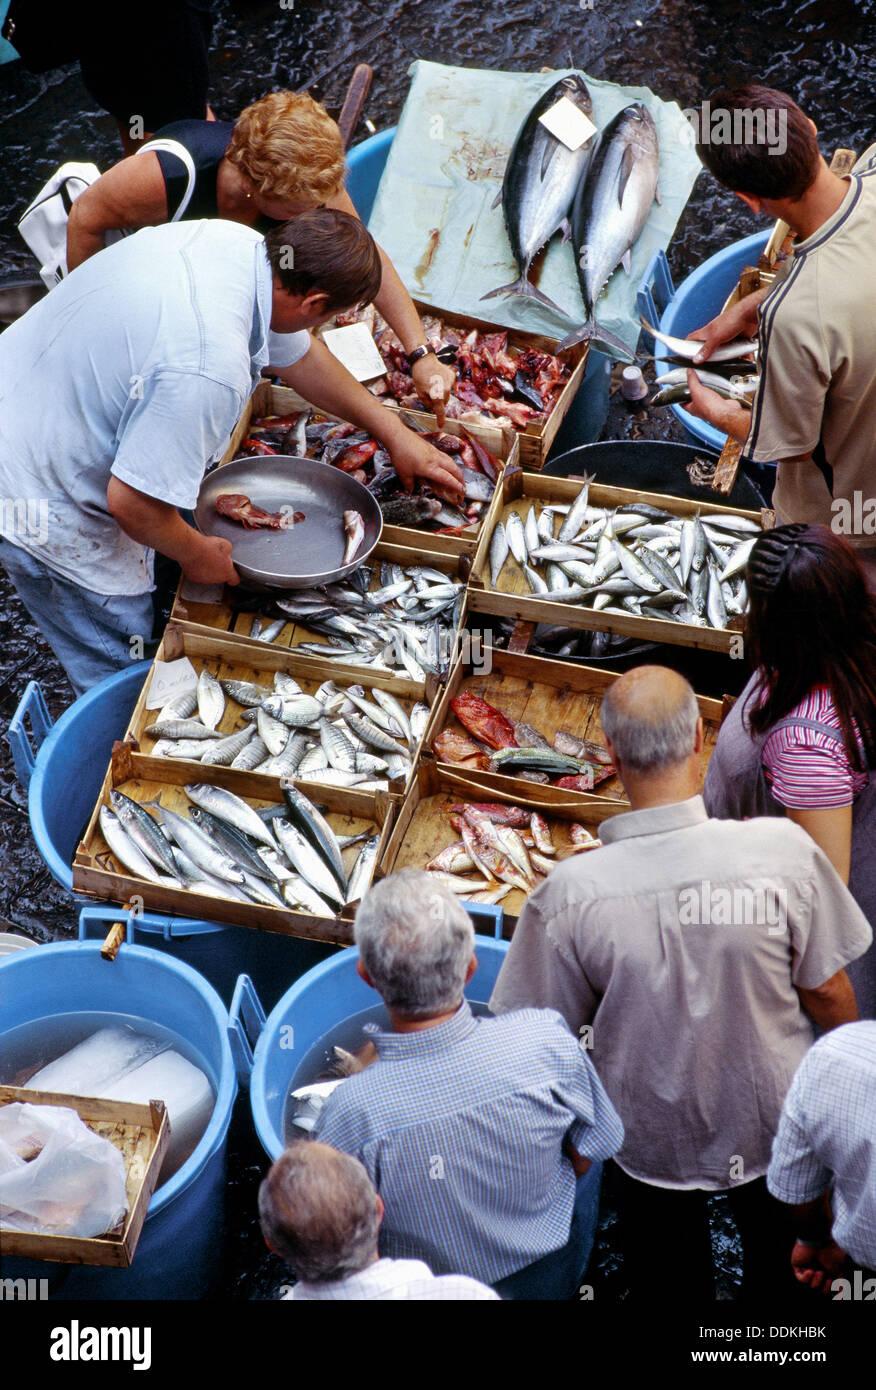 La pescheria fish market catania sicily italy stock for La fish market